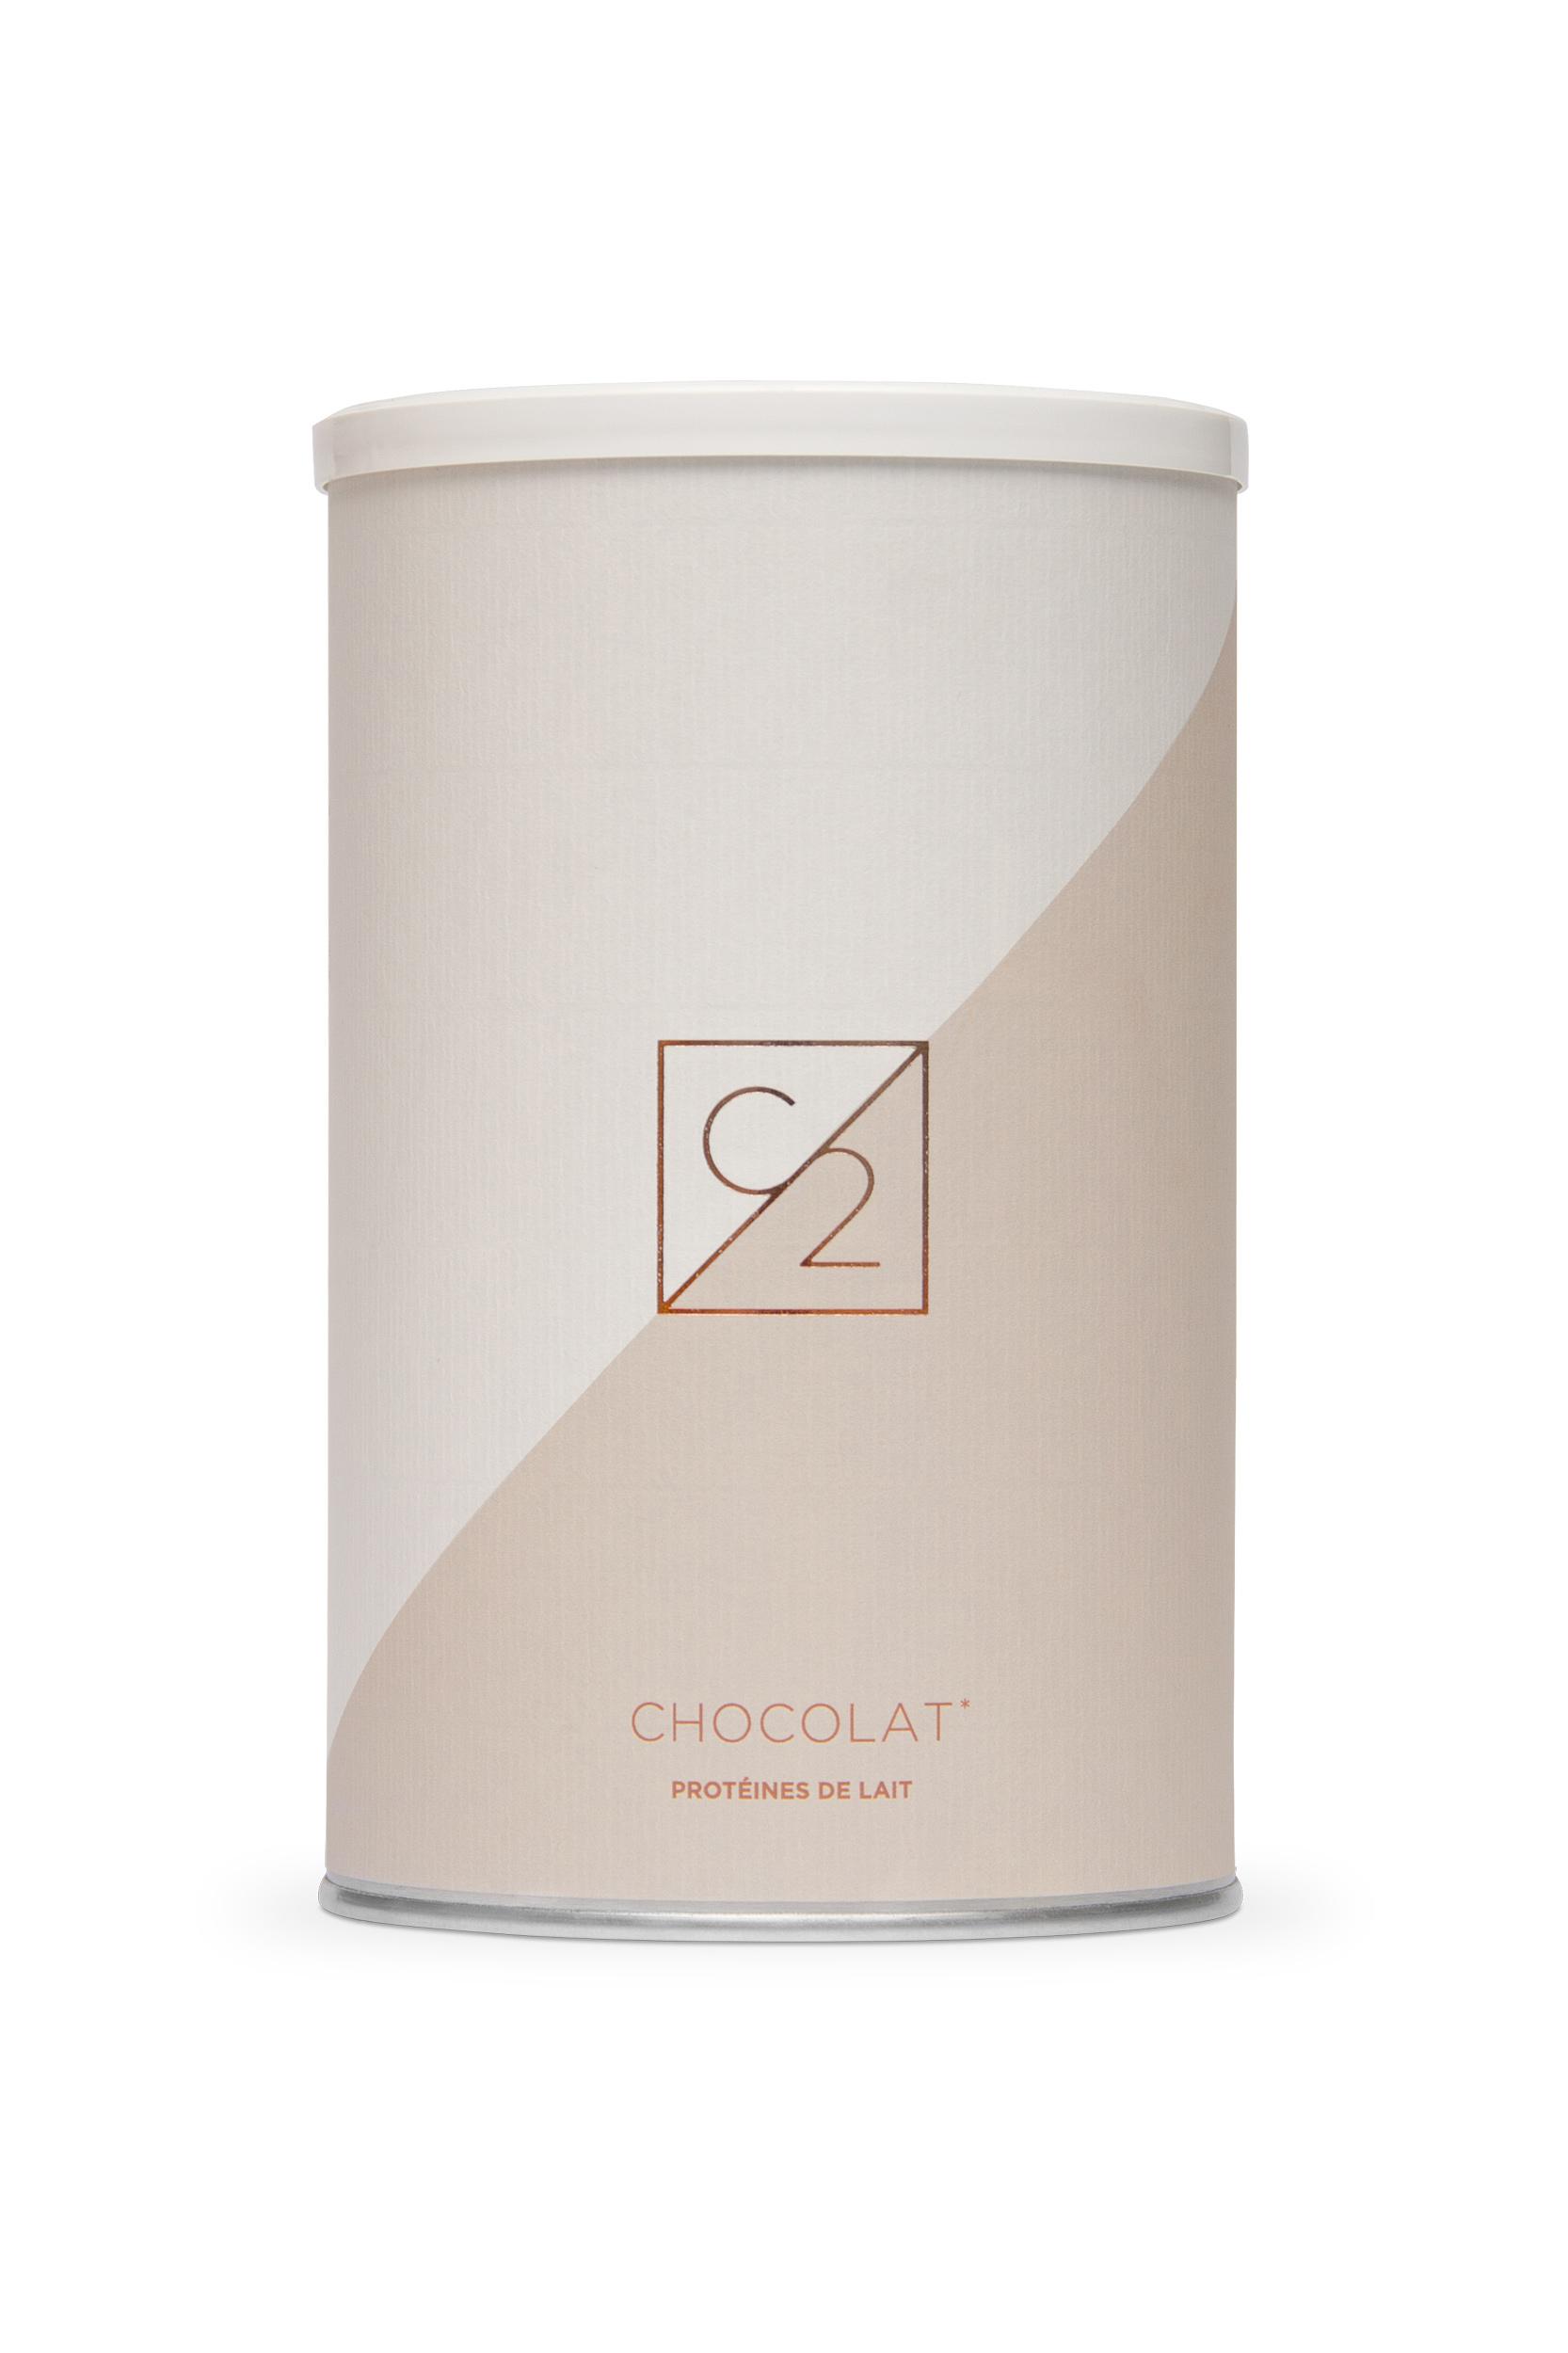 Protéines de lait (Chocolat) - 350g / 19,90€